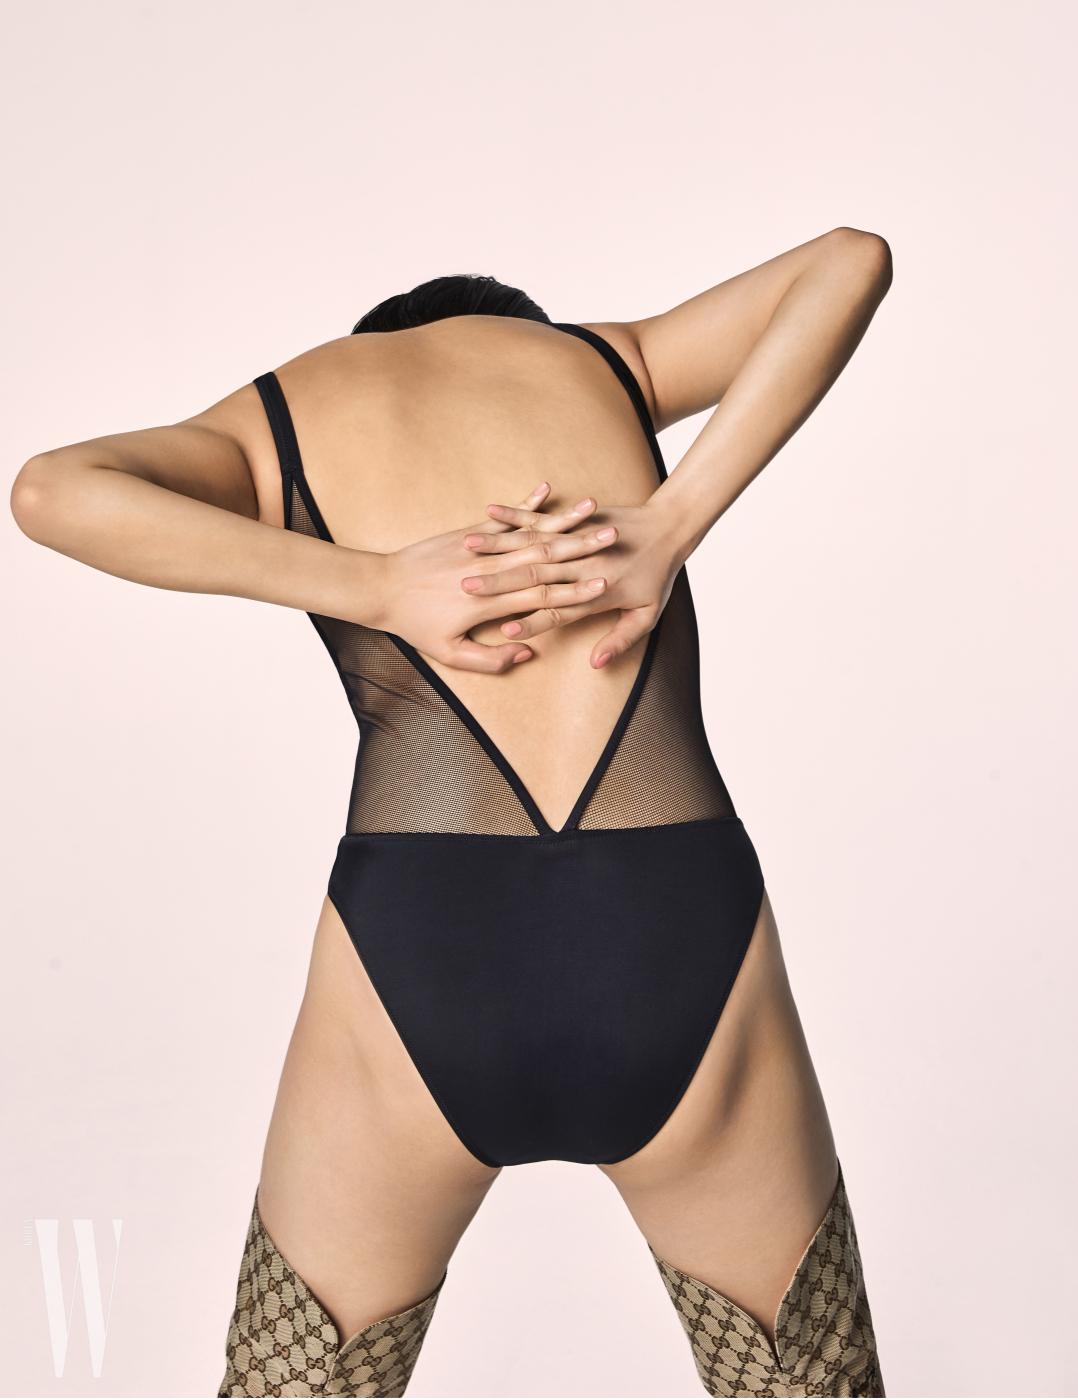 뒷면의 아찔한 커팅이 특징인 수영복은 캘빈클라인 언더웨어 제품. 15만9천원. 사이하이 부츠는 구찌 제품. 가격 미정.